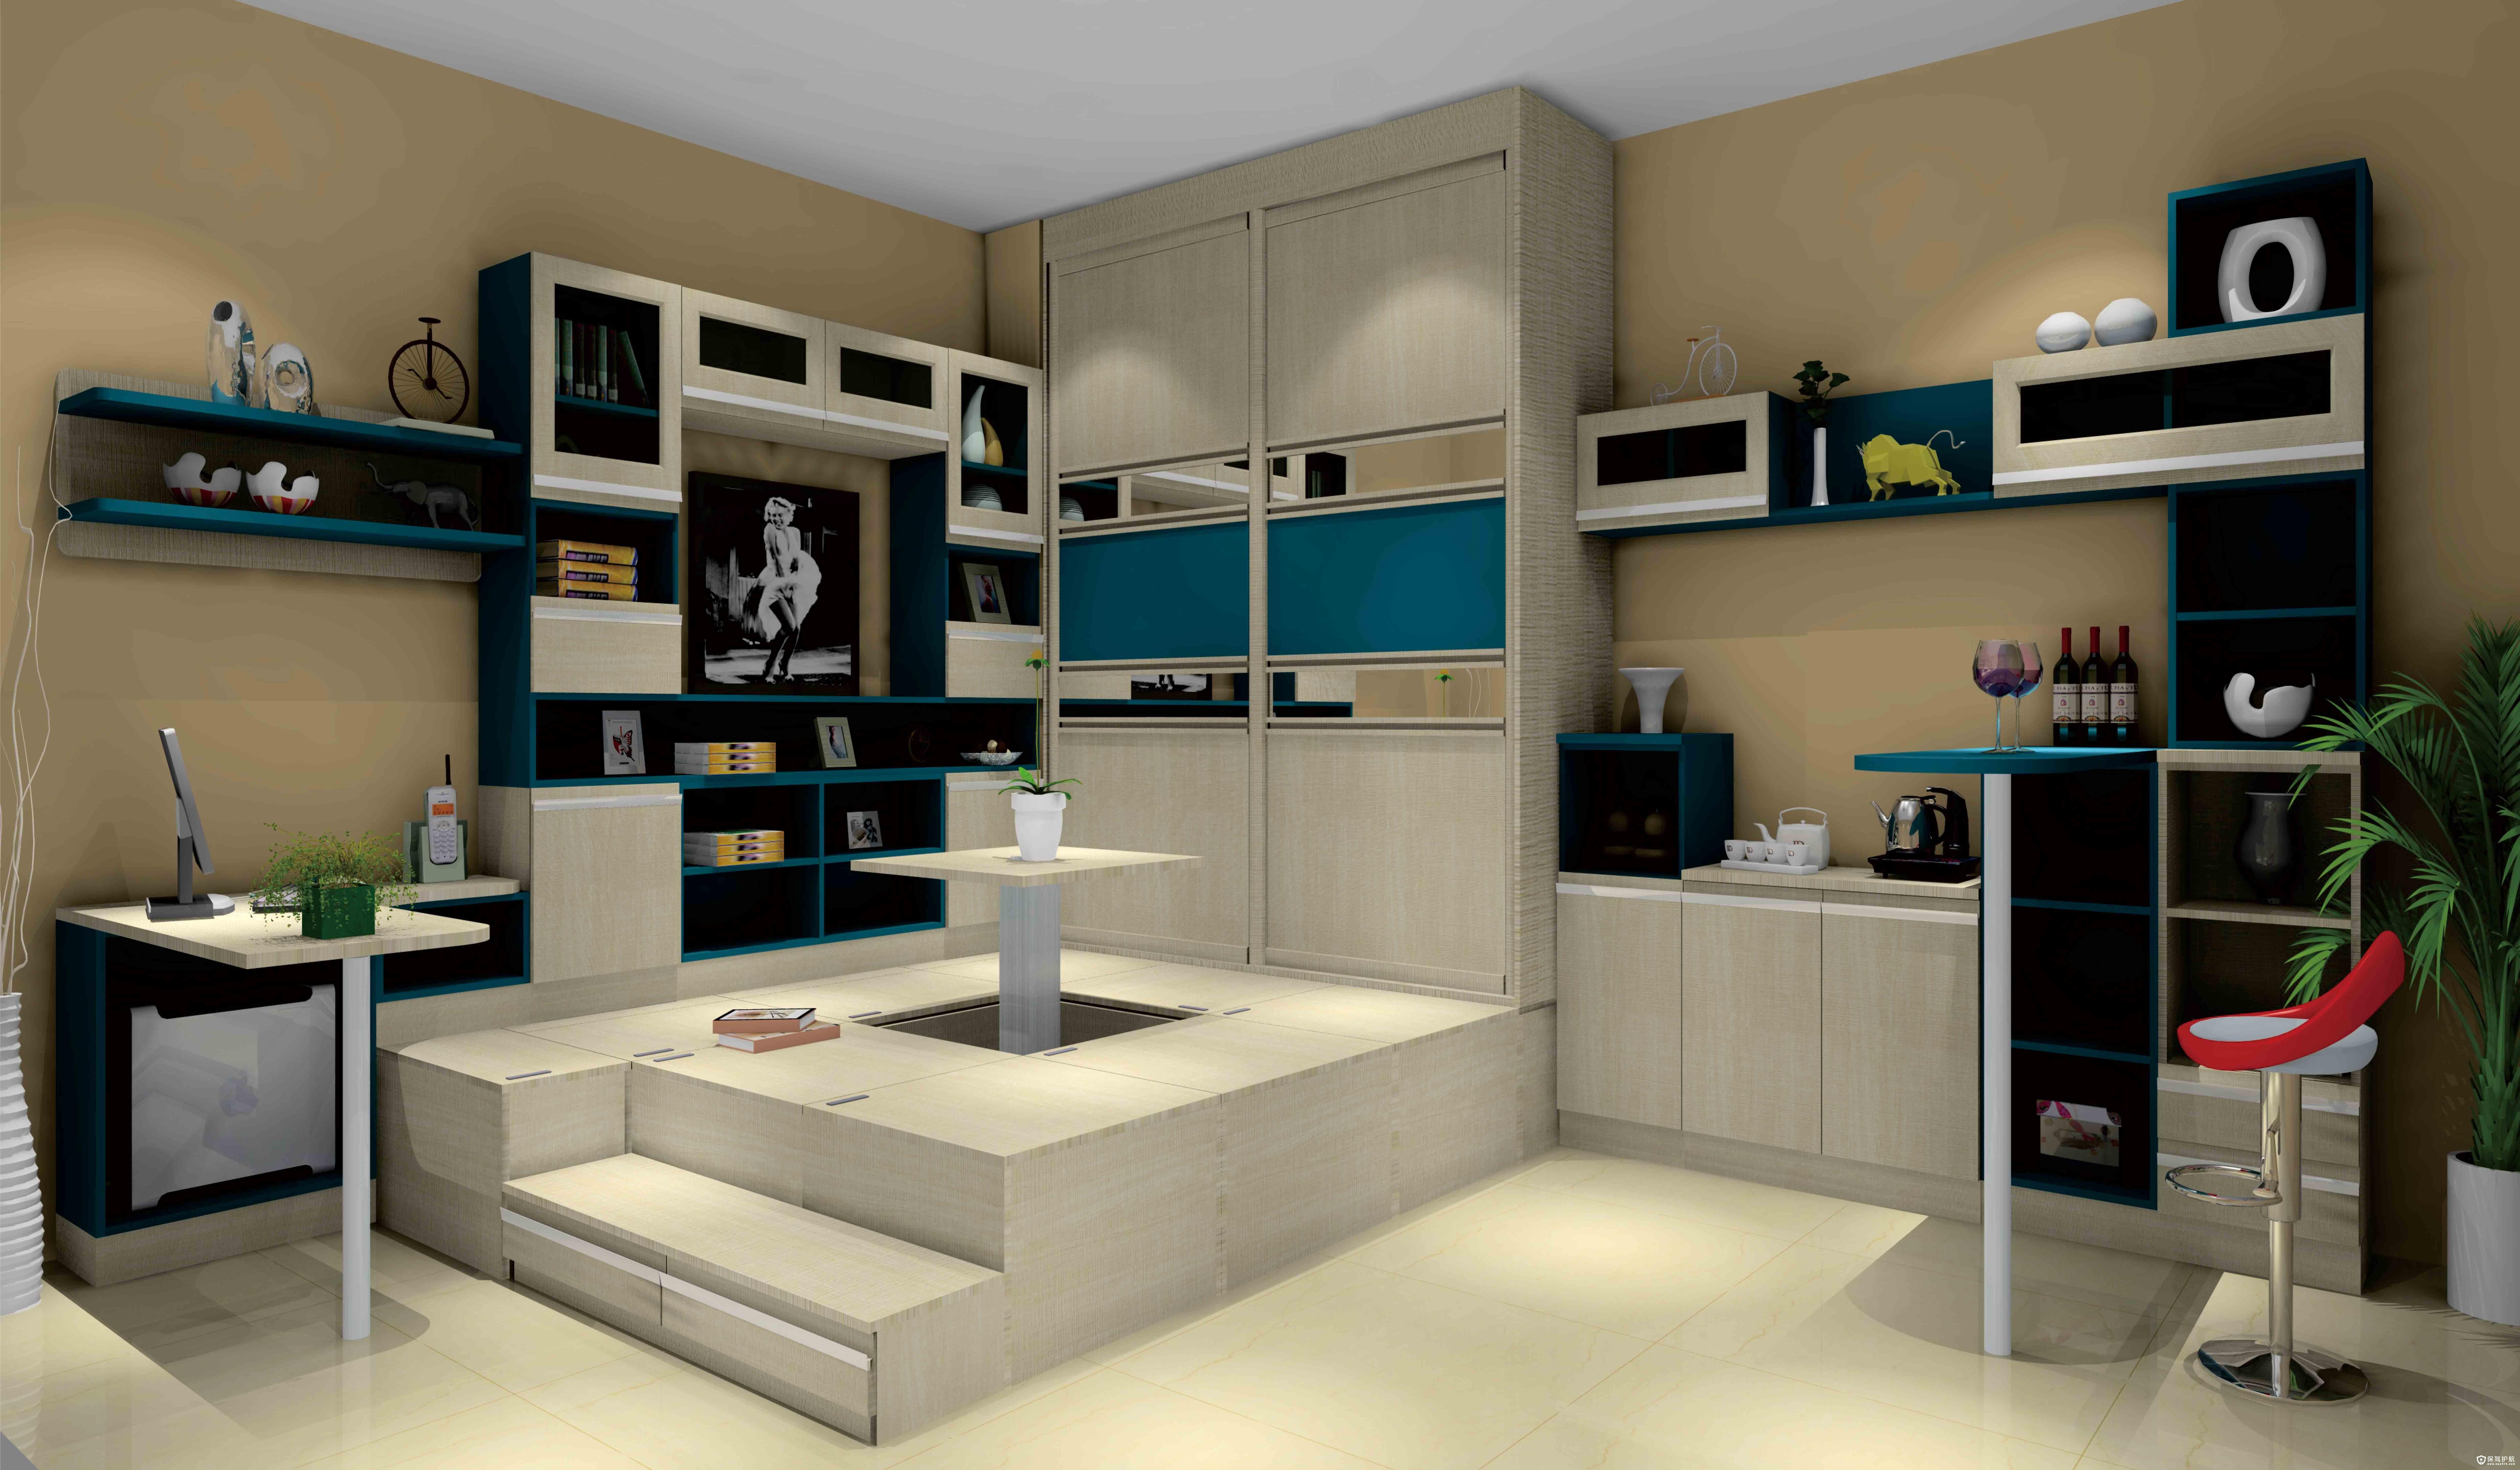 标签家具家具设计家具品牌家具定制